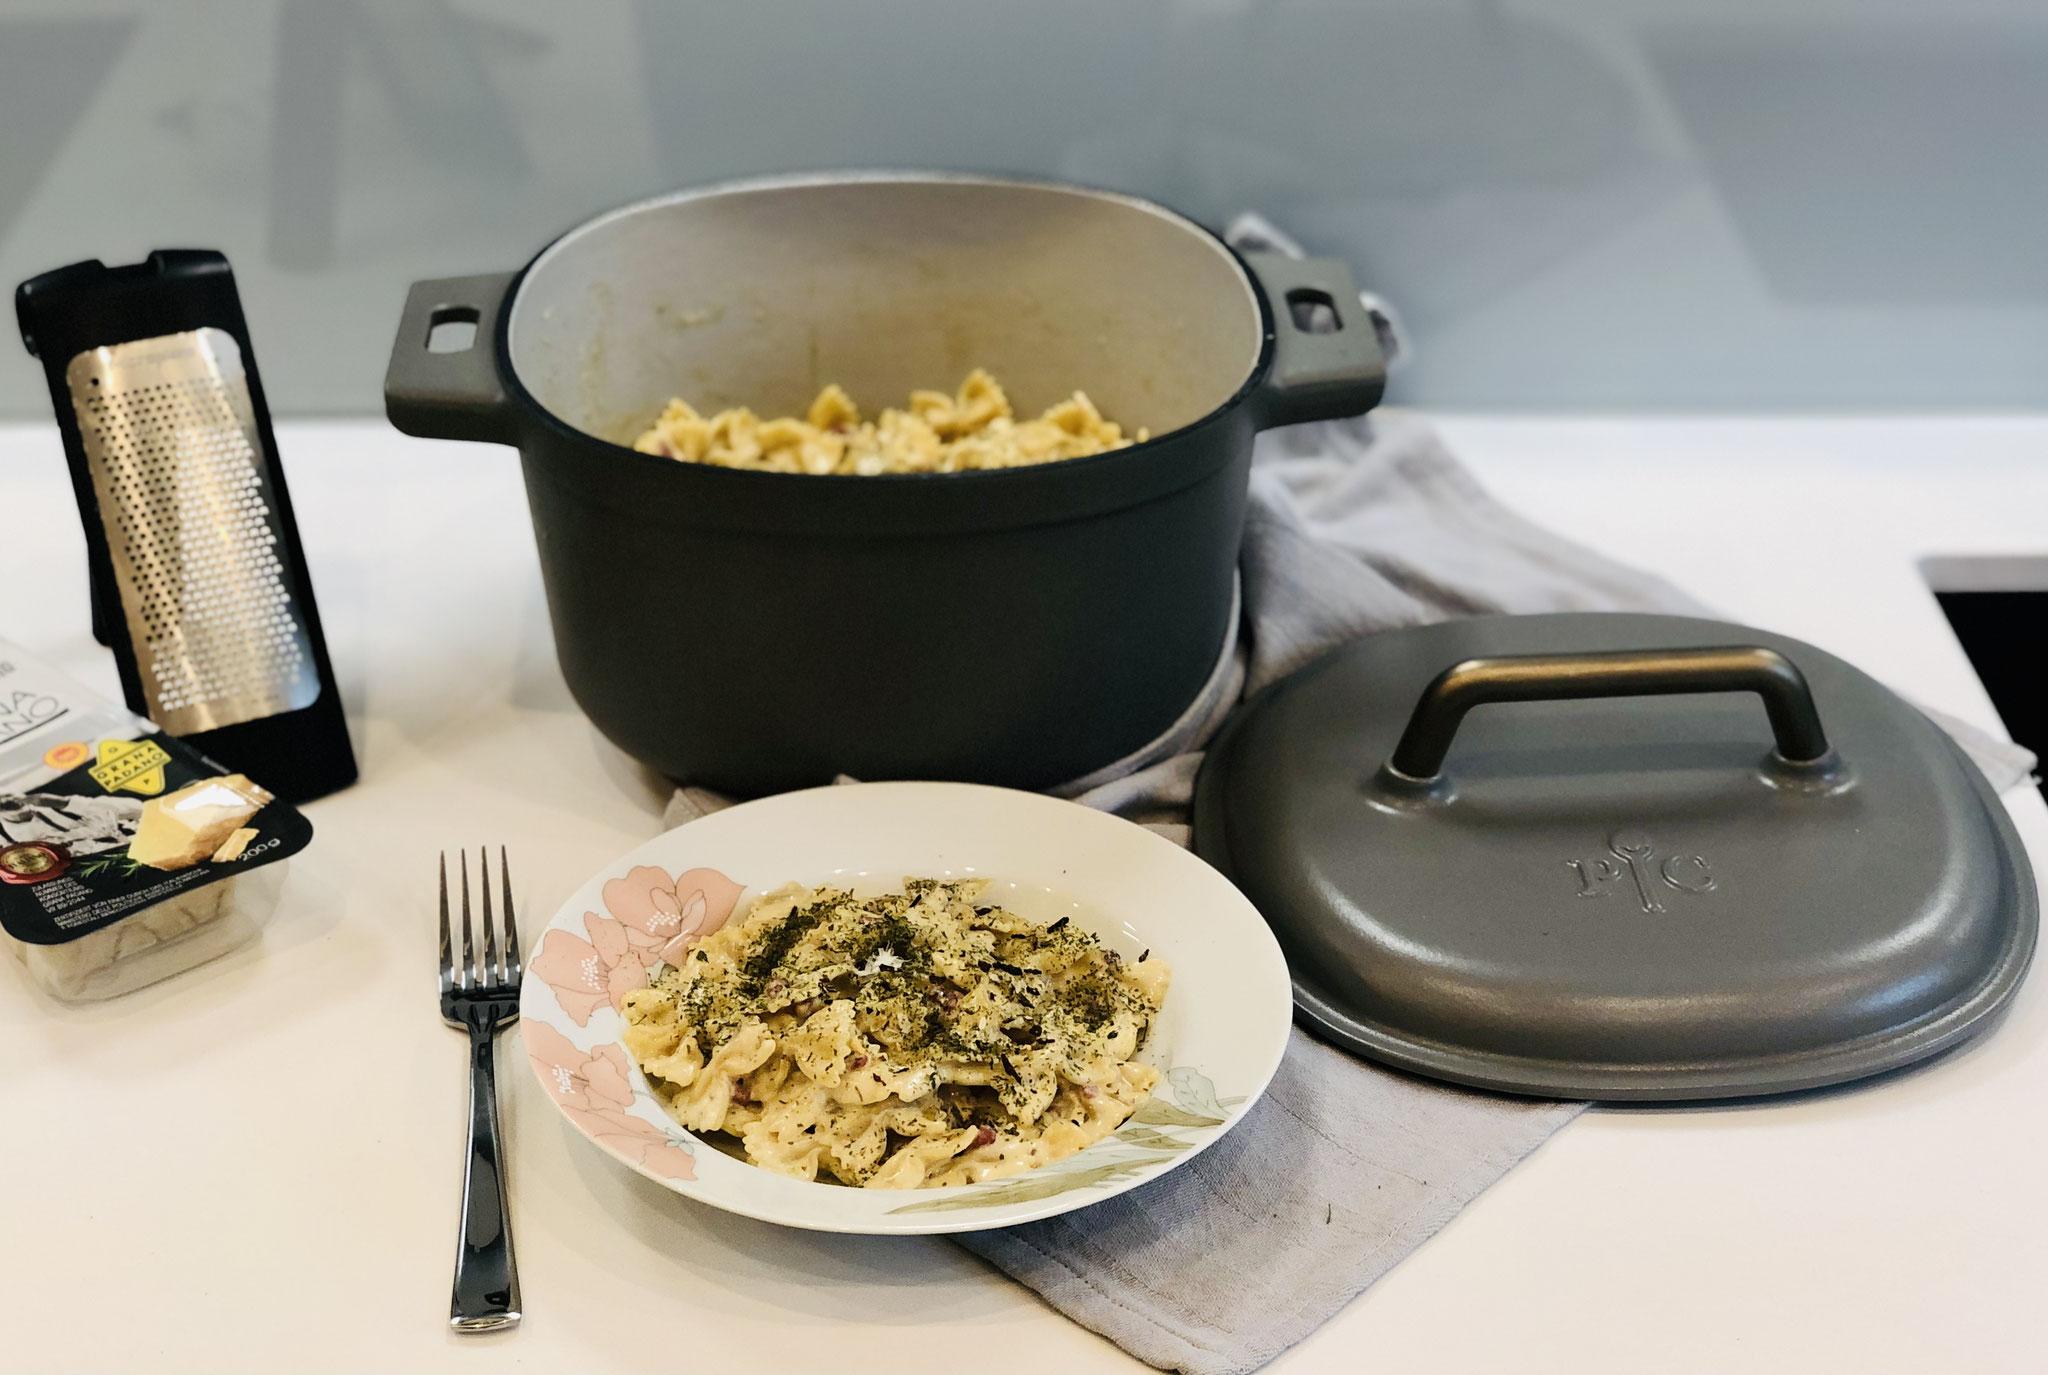 Wenn die Nudeln gar sind, dann den Parmesan und den Sahne Meerrettich zu den Nudeln geben und unterrühren.